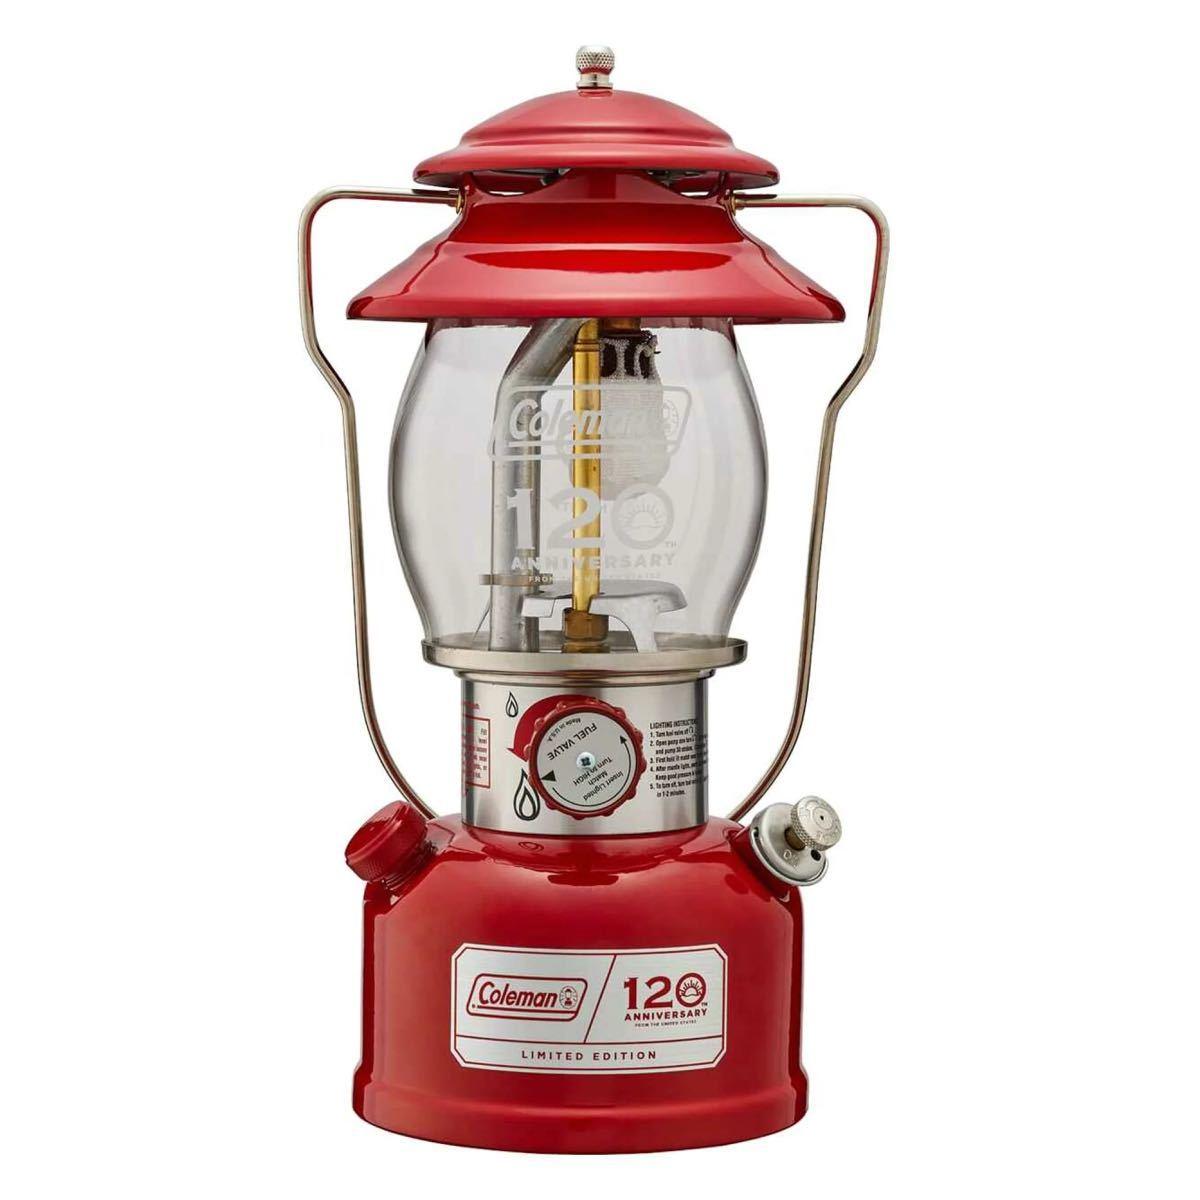 【送料無料】Coleman 120thアニバーサリーシーズンズランタン2021 当選 購入品  箱付き Lantern コールマン